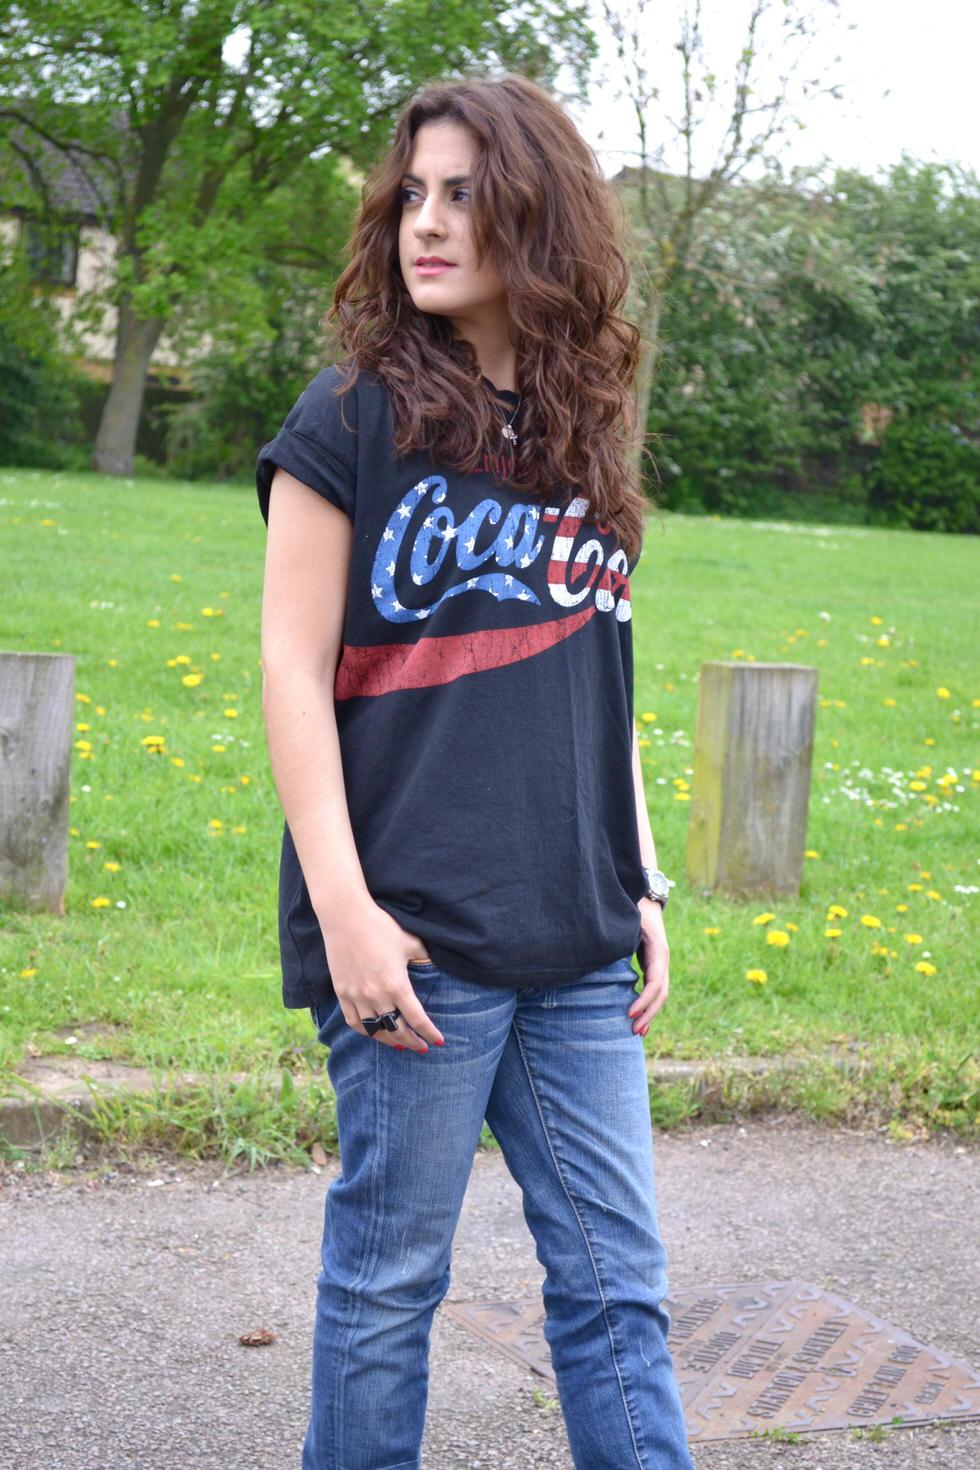 outfit - the coca cola tshirt fashion